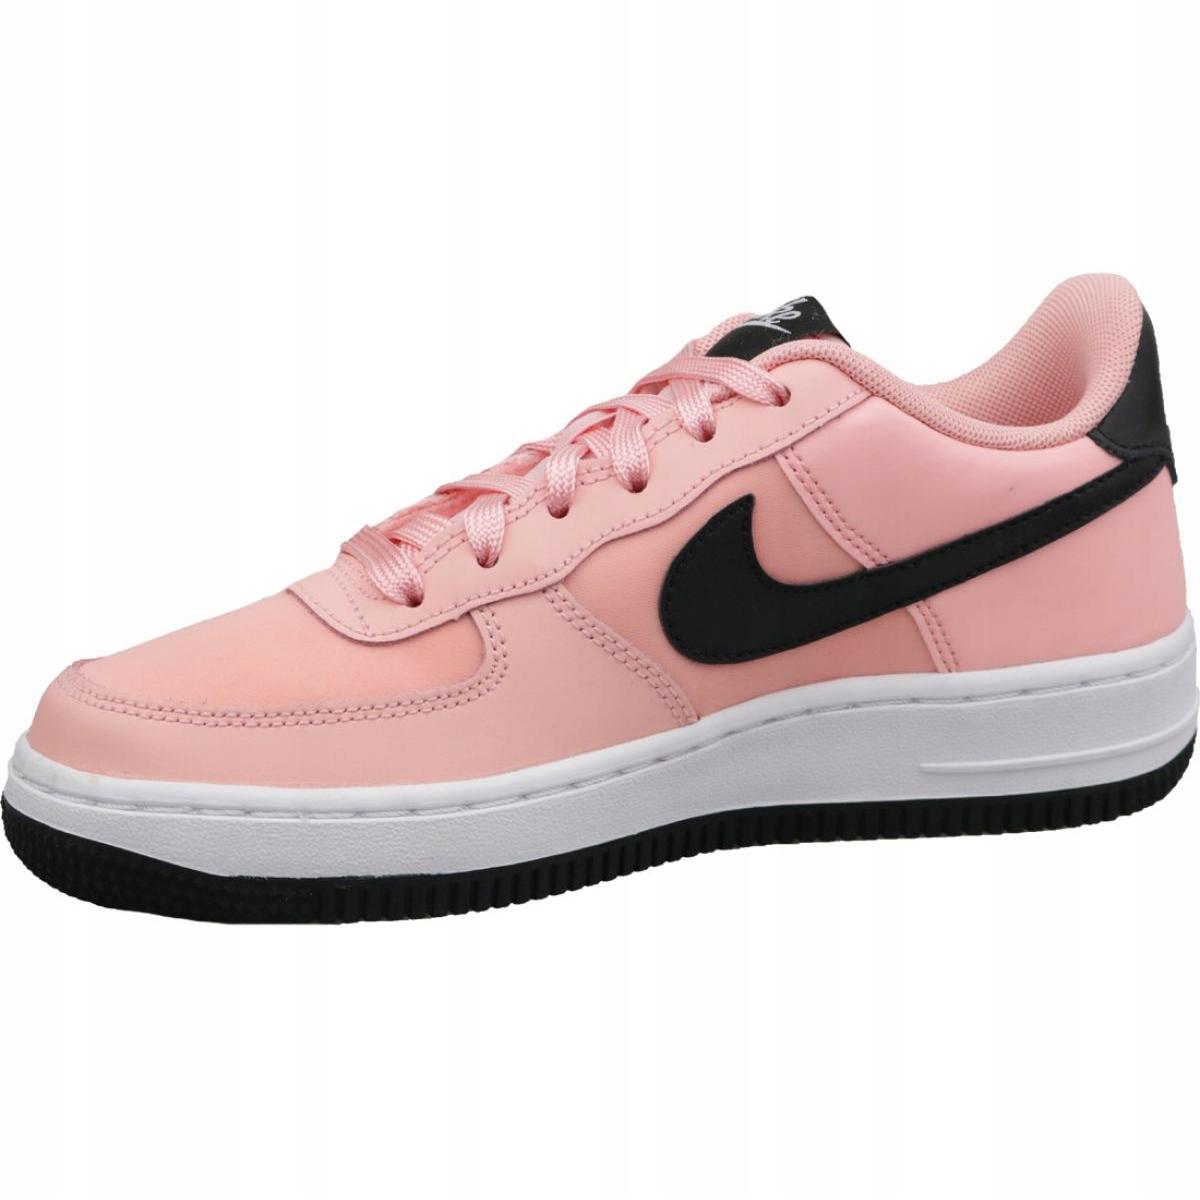 Force Détails VDay 1 BQ6980 600 Nike Chaussures W sur rose